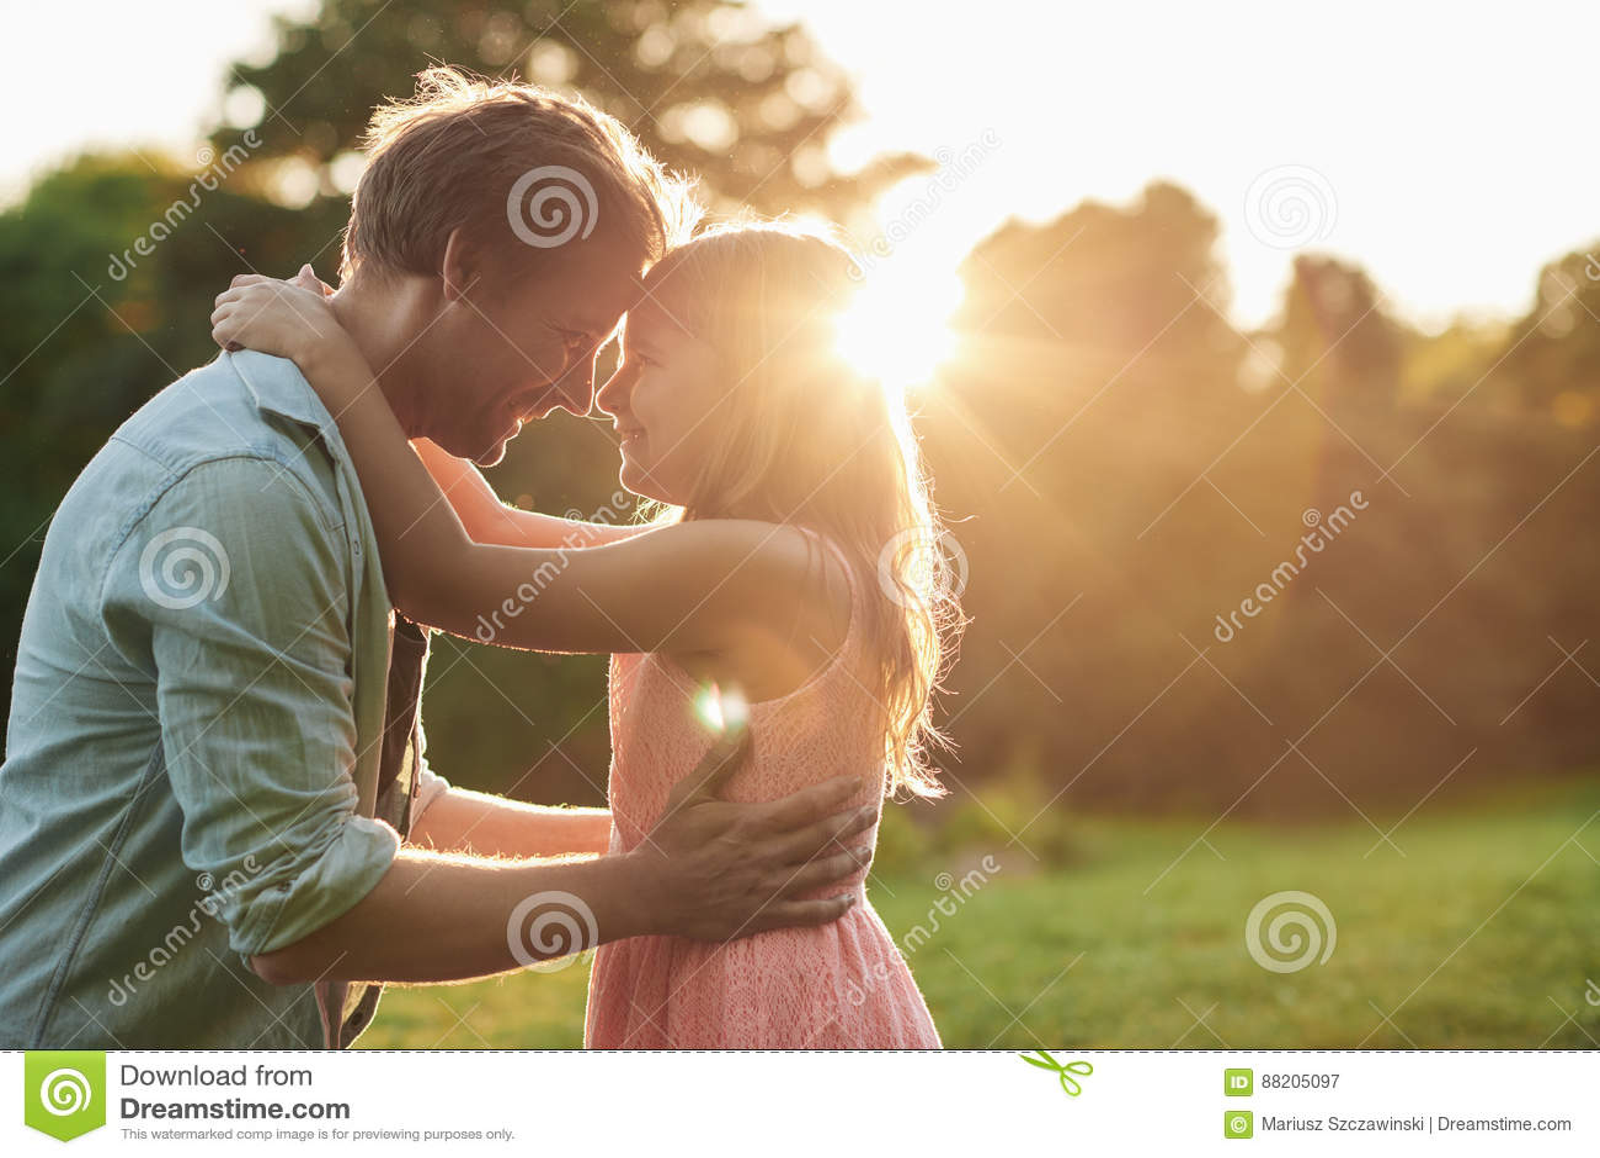 一起分享片刻的微笑的ittle女孩和她的父亲